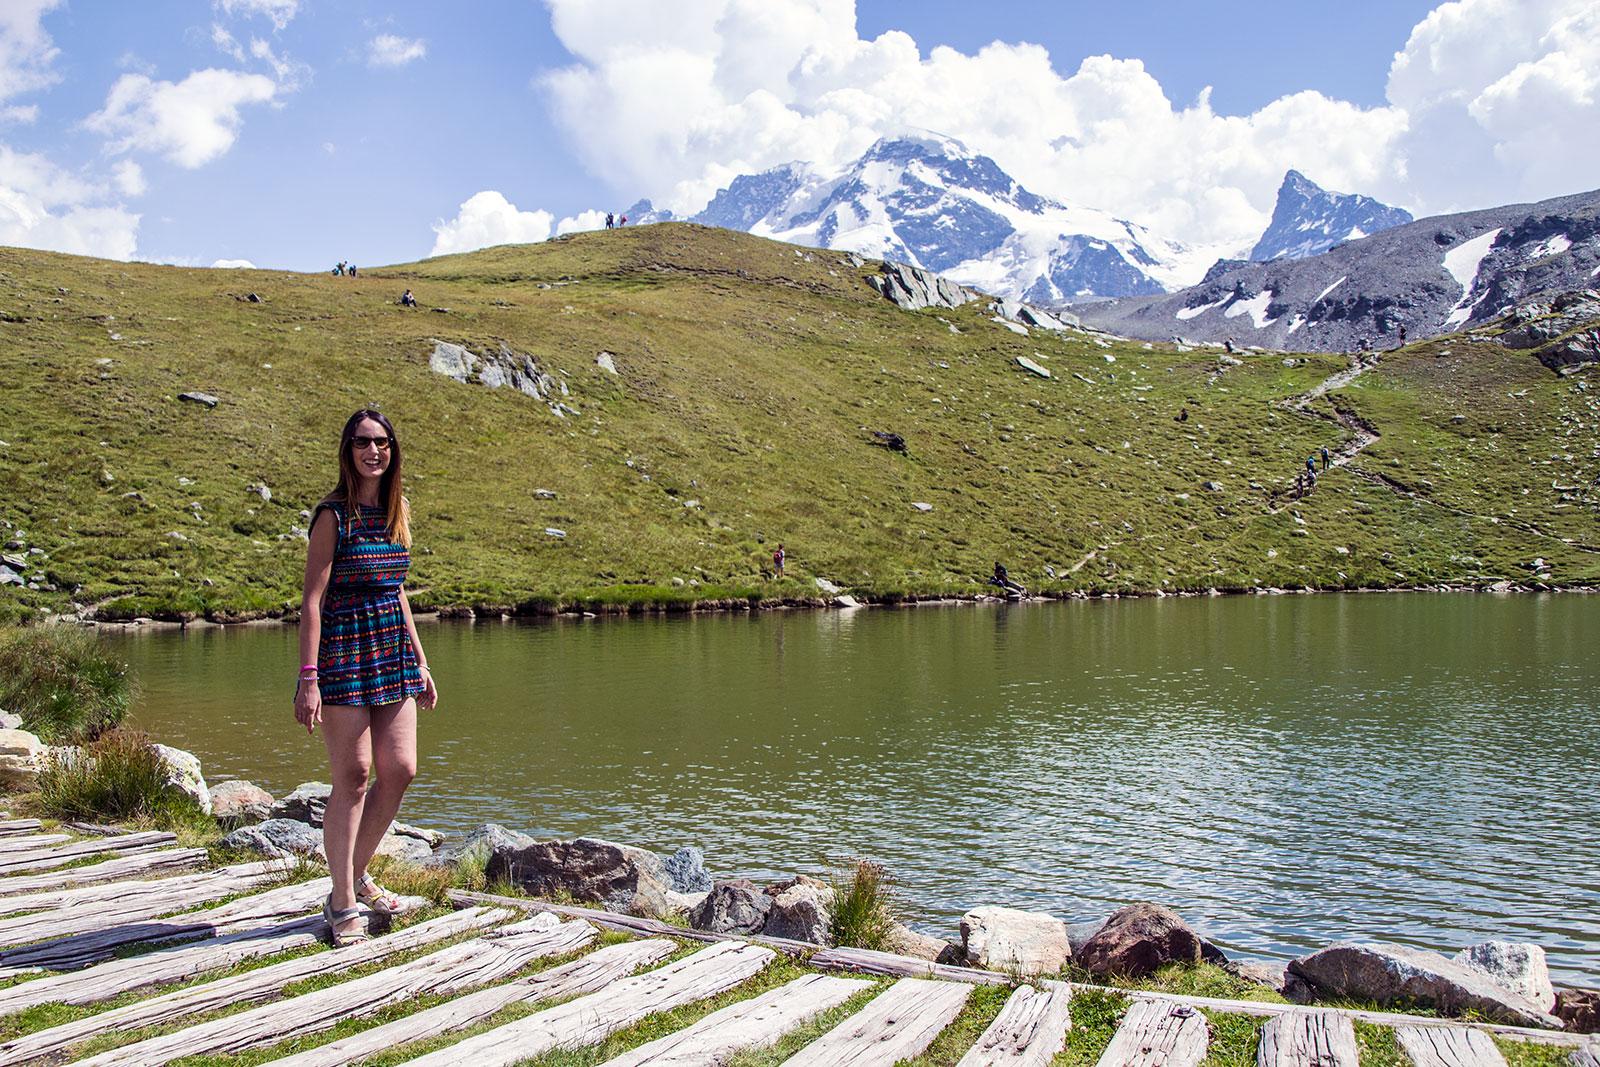 Nerea decidiendo si bañarse en el lago o no... - Matterhorn Glacier Paradise